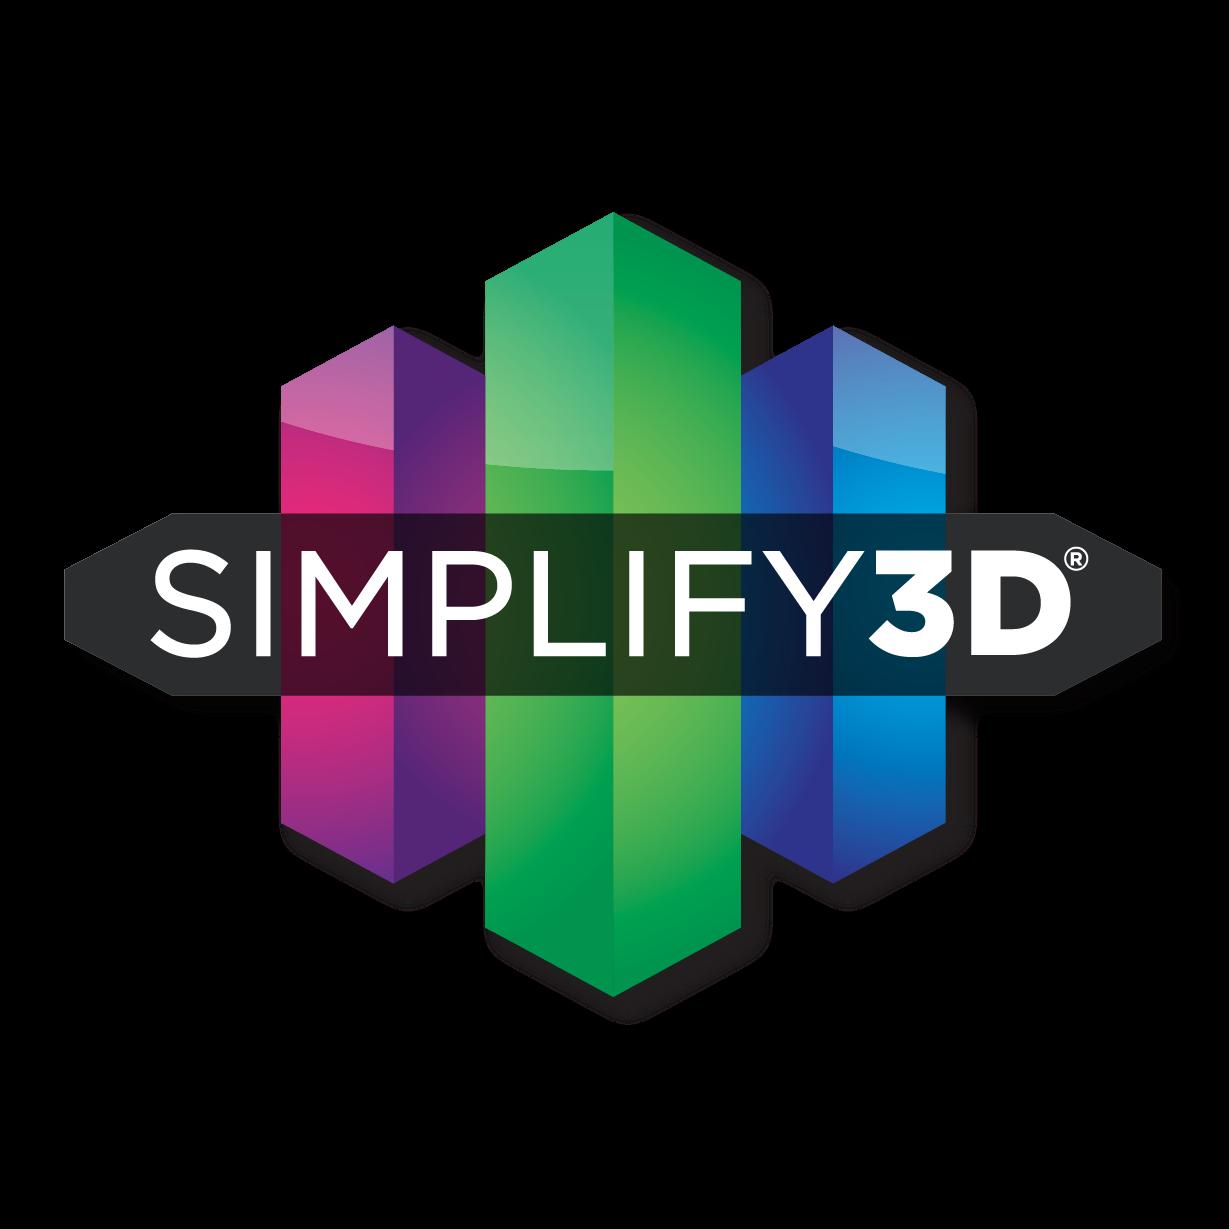 シンプリファイ3Dが新たに五か国の言語に対応